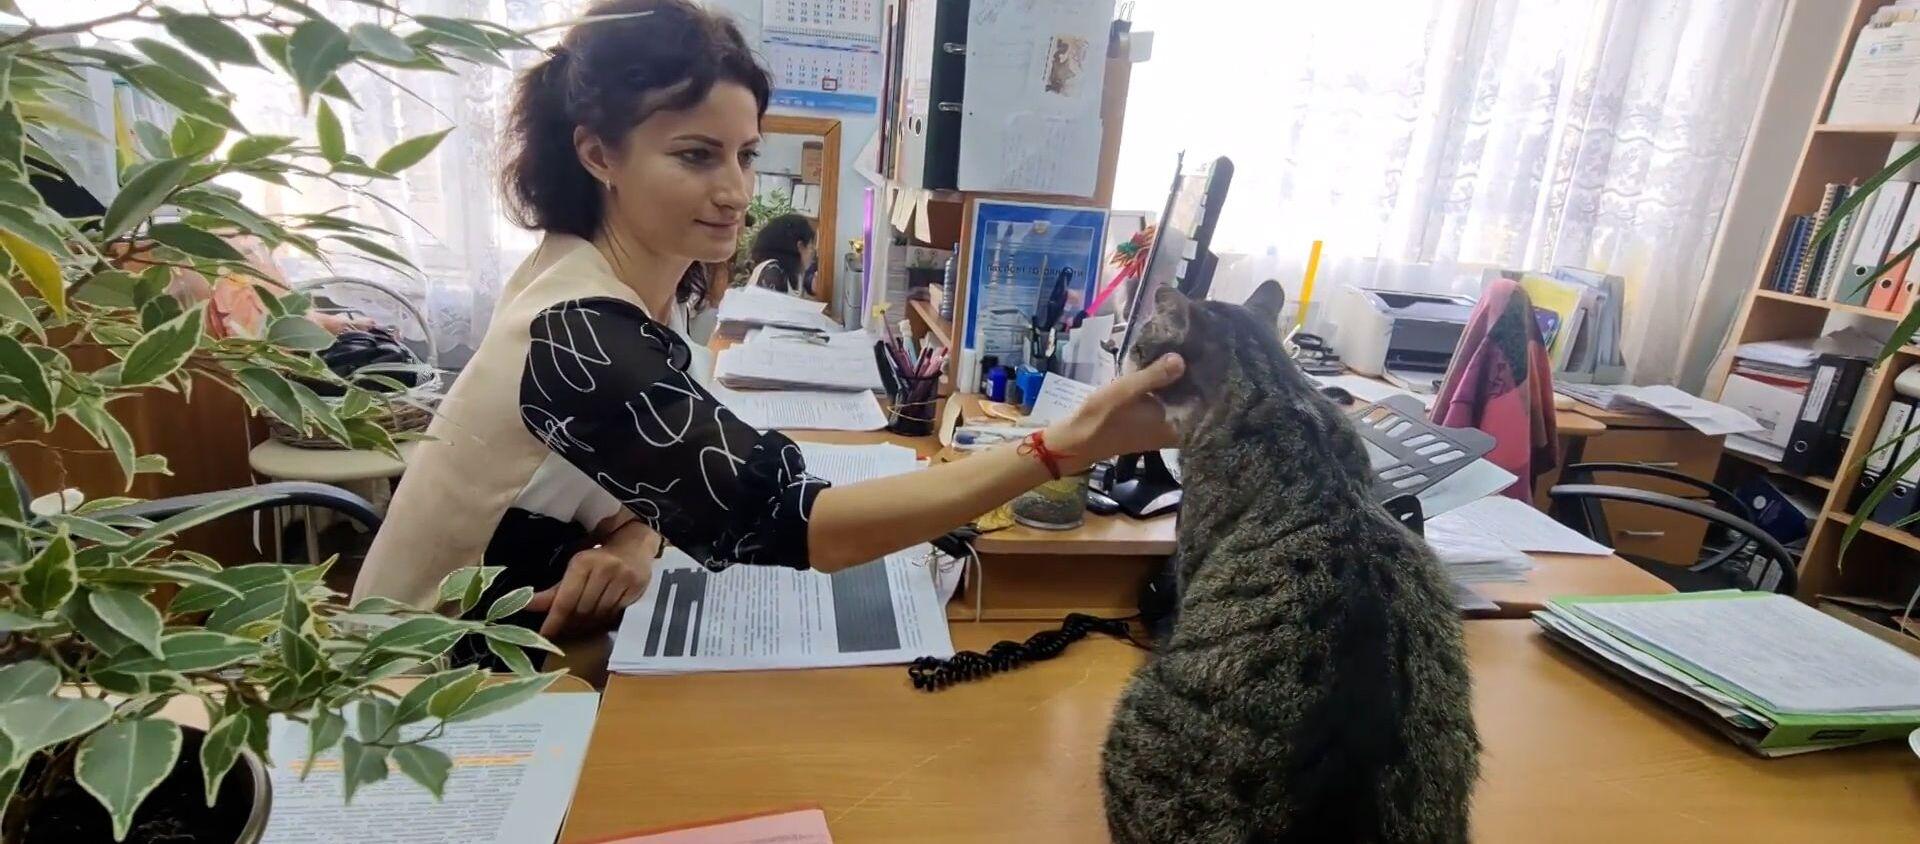 Кіпіш на пасяджэнні: кот з незвычайнай мянушкай працуе чыноўнікам - відэа - Sputnik Беларусь, 1920, 18.03.2021